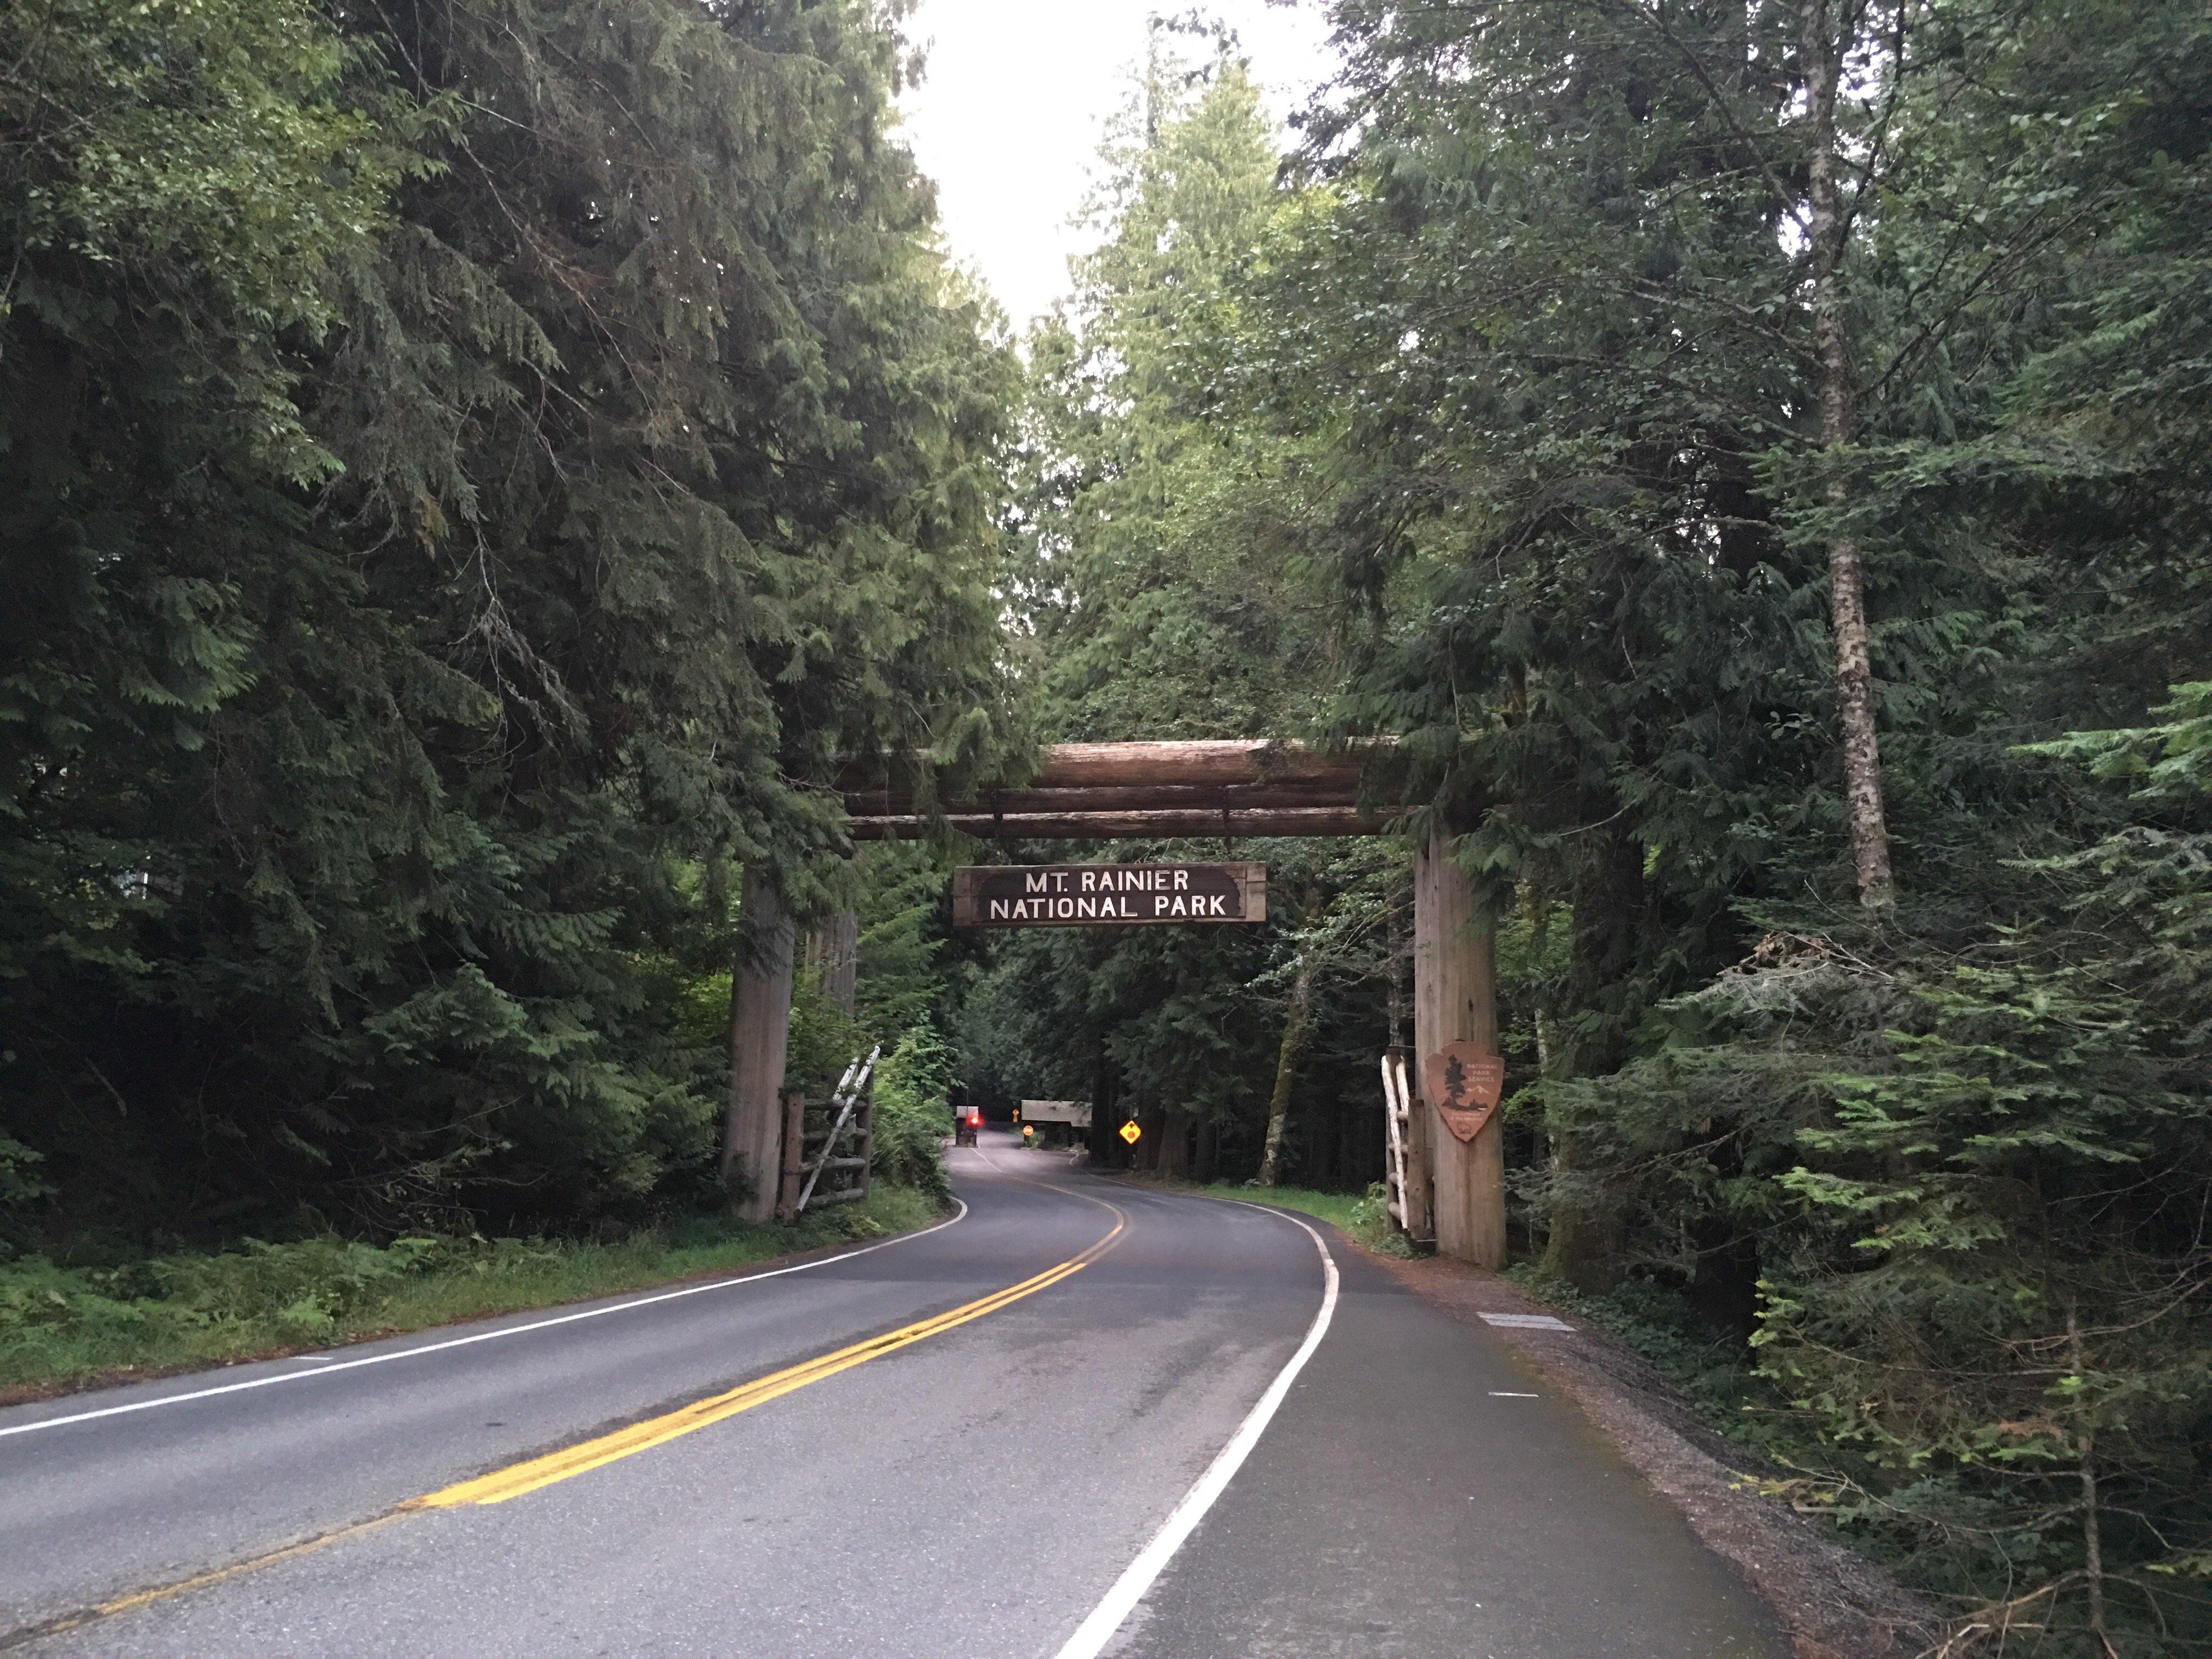 Exploring Mt. Rainier National Park